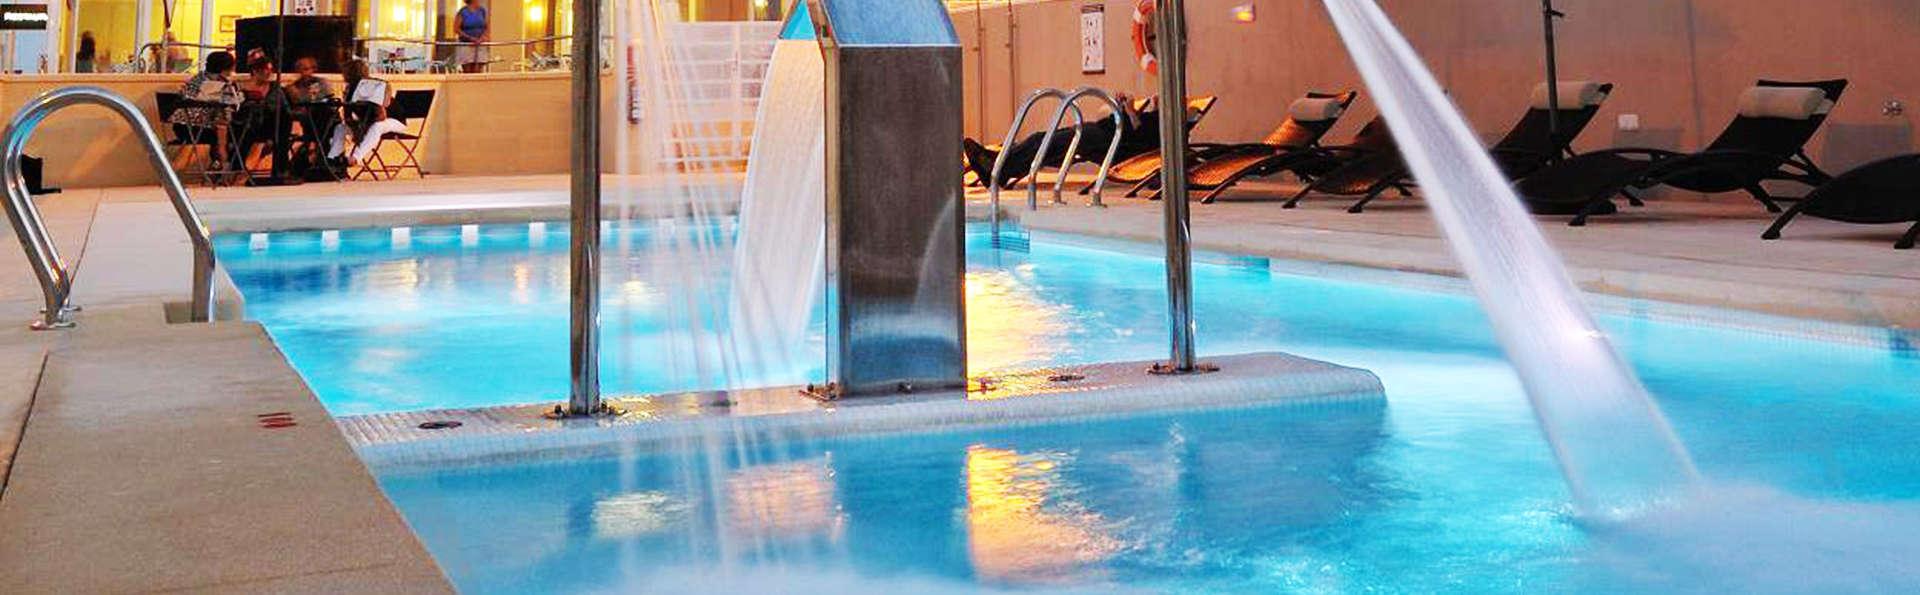 Hotel Meridional - EDIT_pool.jpg